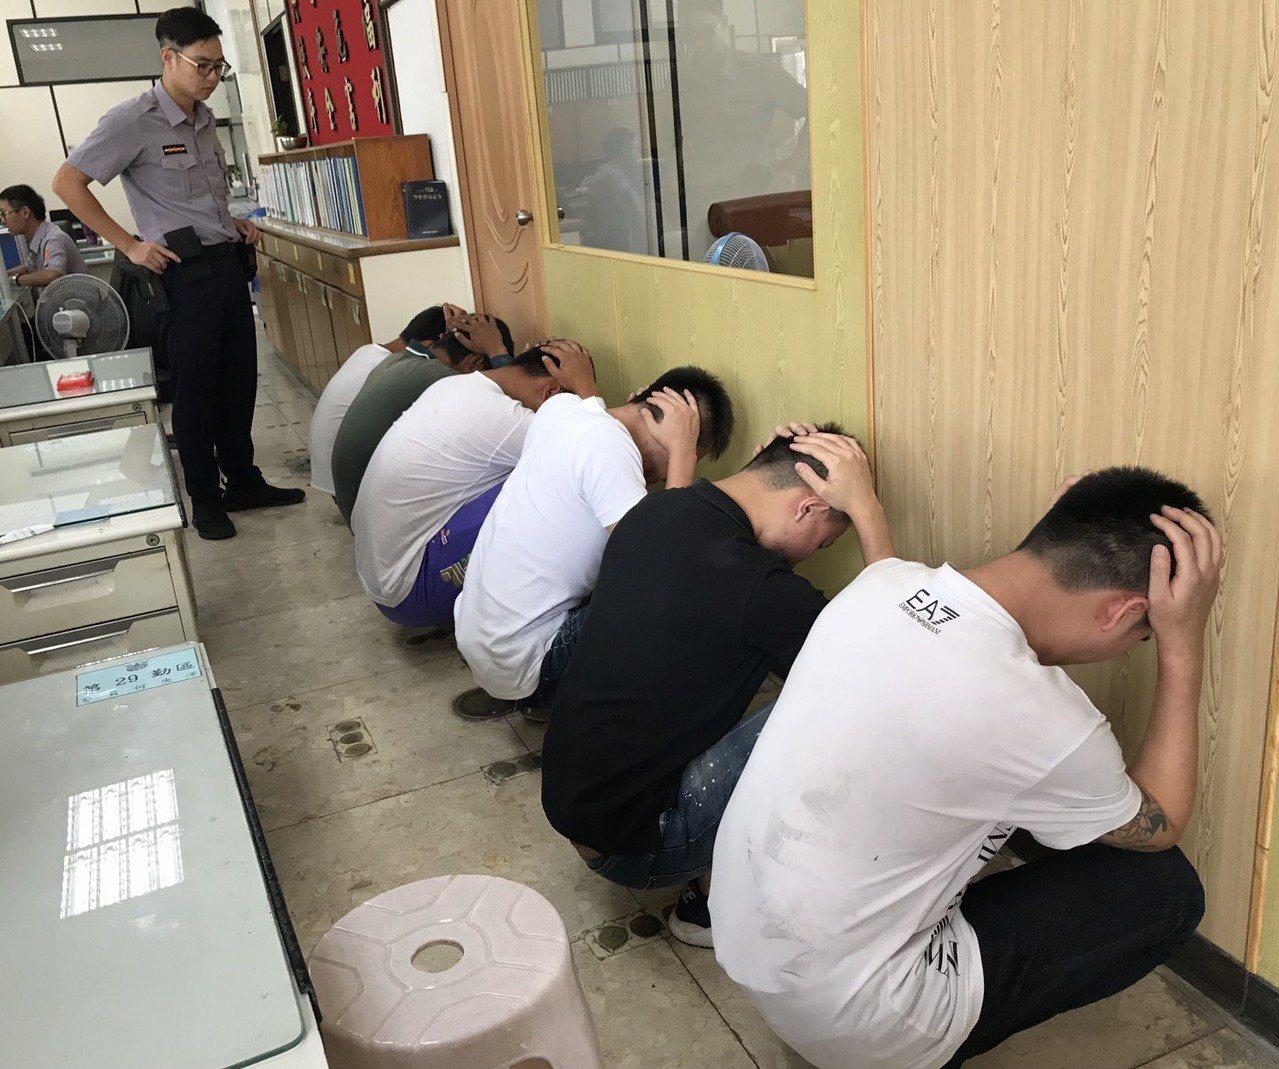 6名年輕人打到眼紅員警到場也不當回事,甚至與員警拉扯,全被上銬帶回送辦。記者周宗...